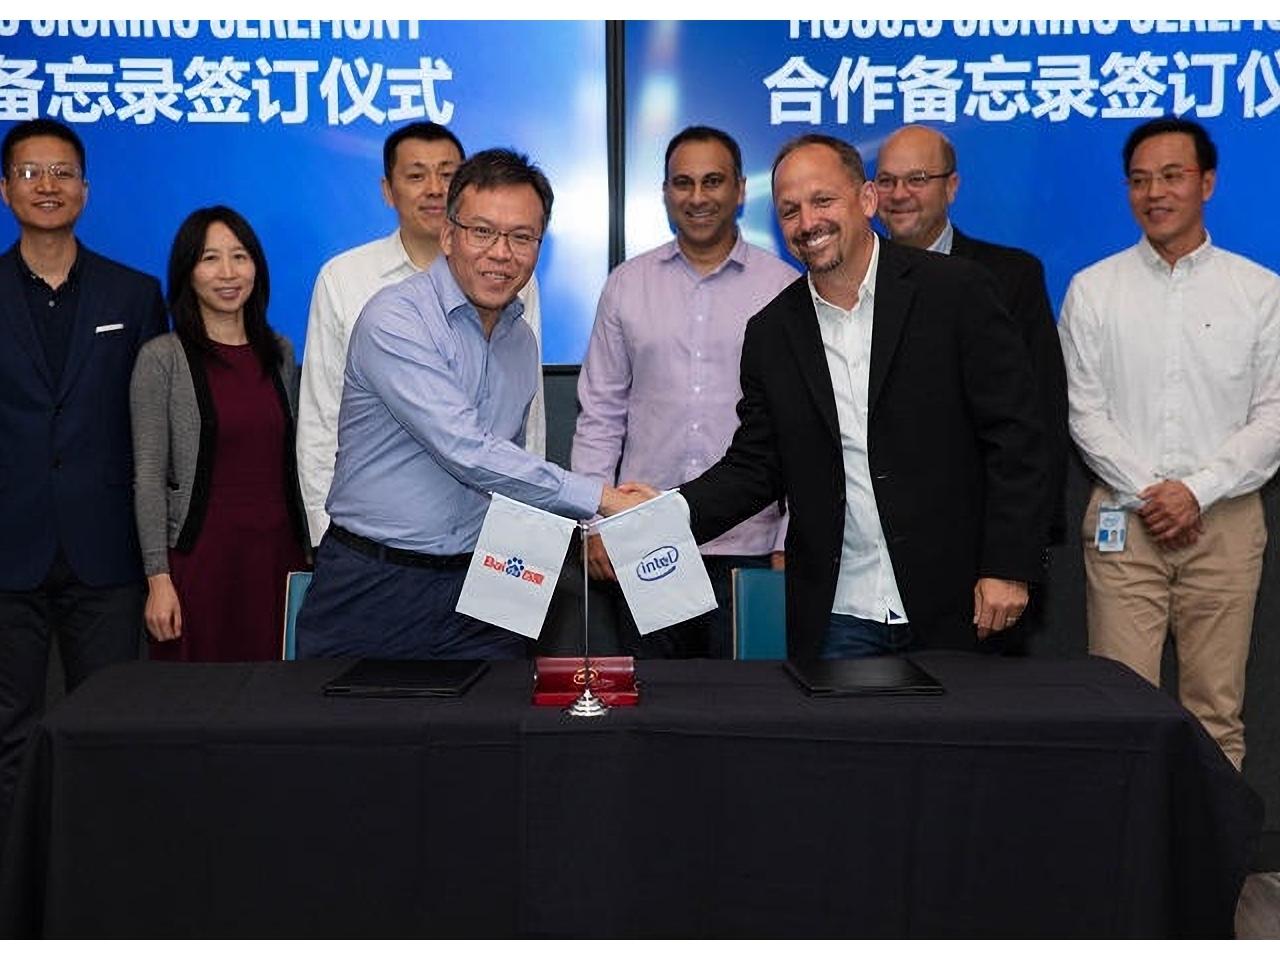 インテルとバイドゥがクラウド、AI、5Gなどで協力へ--3年契約を締結